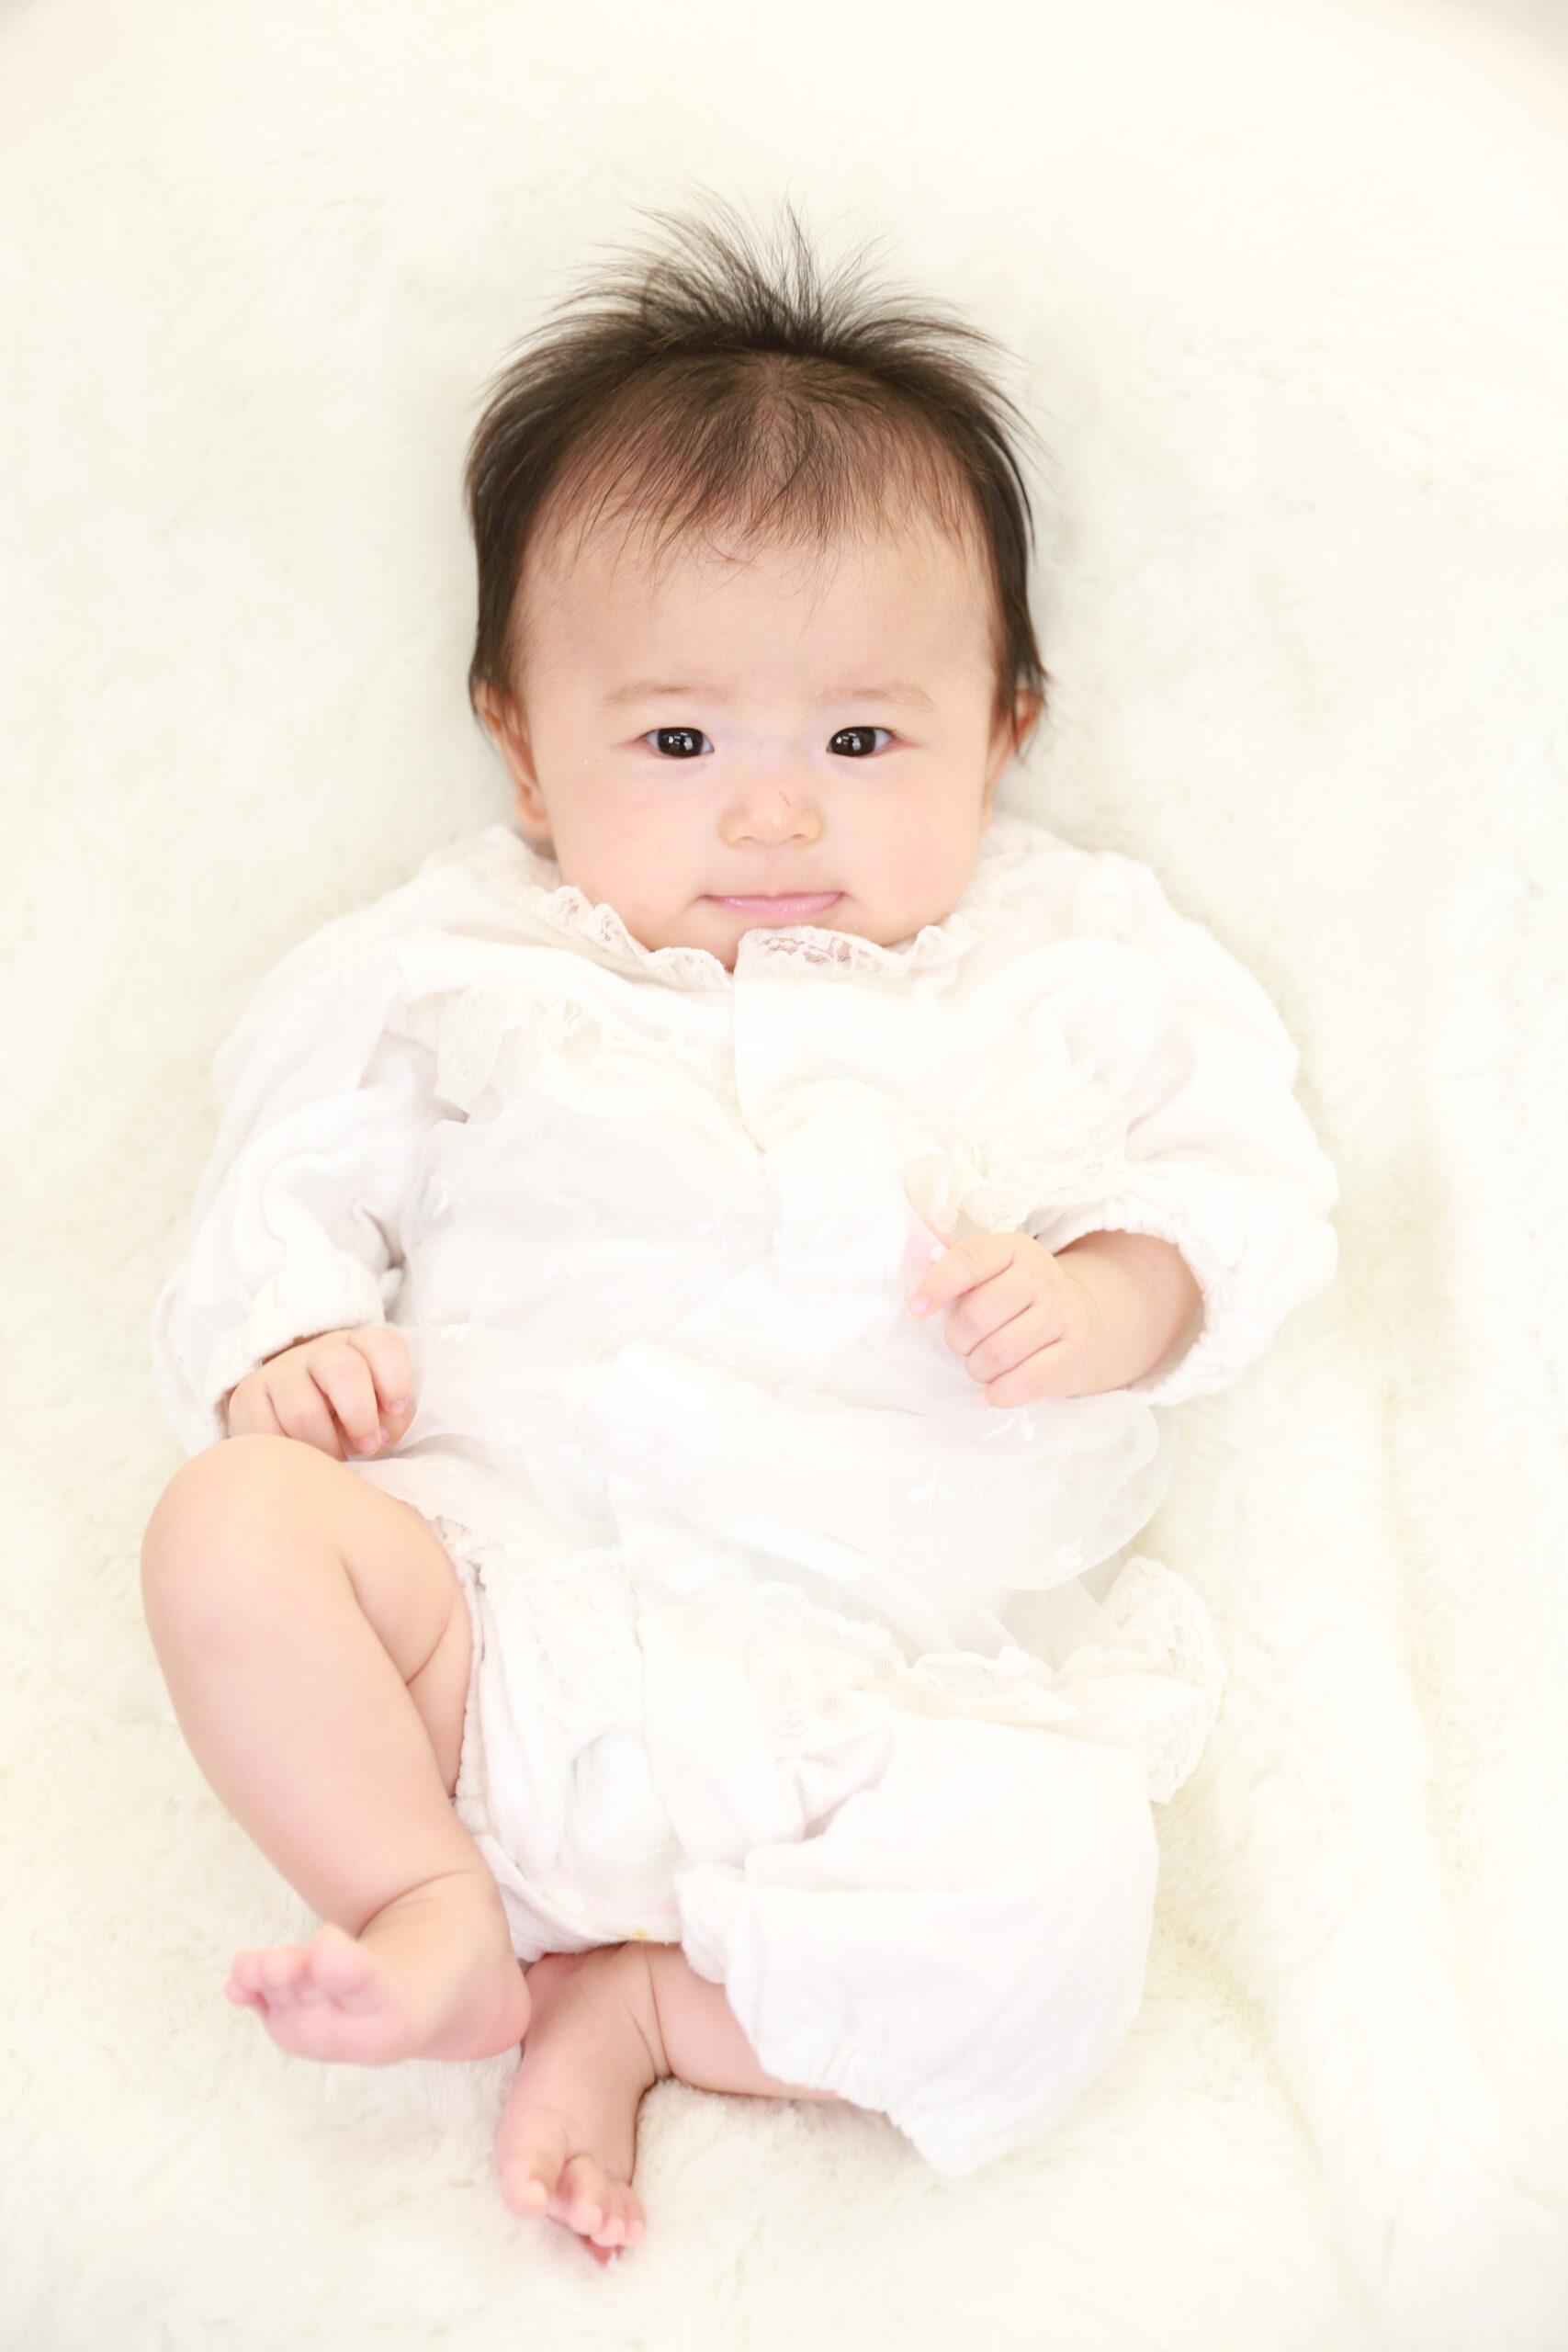 三嶋大社でお宮参り!赤ちゃんの可愛い姿を残します